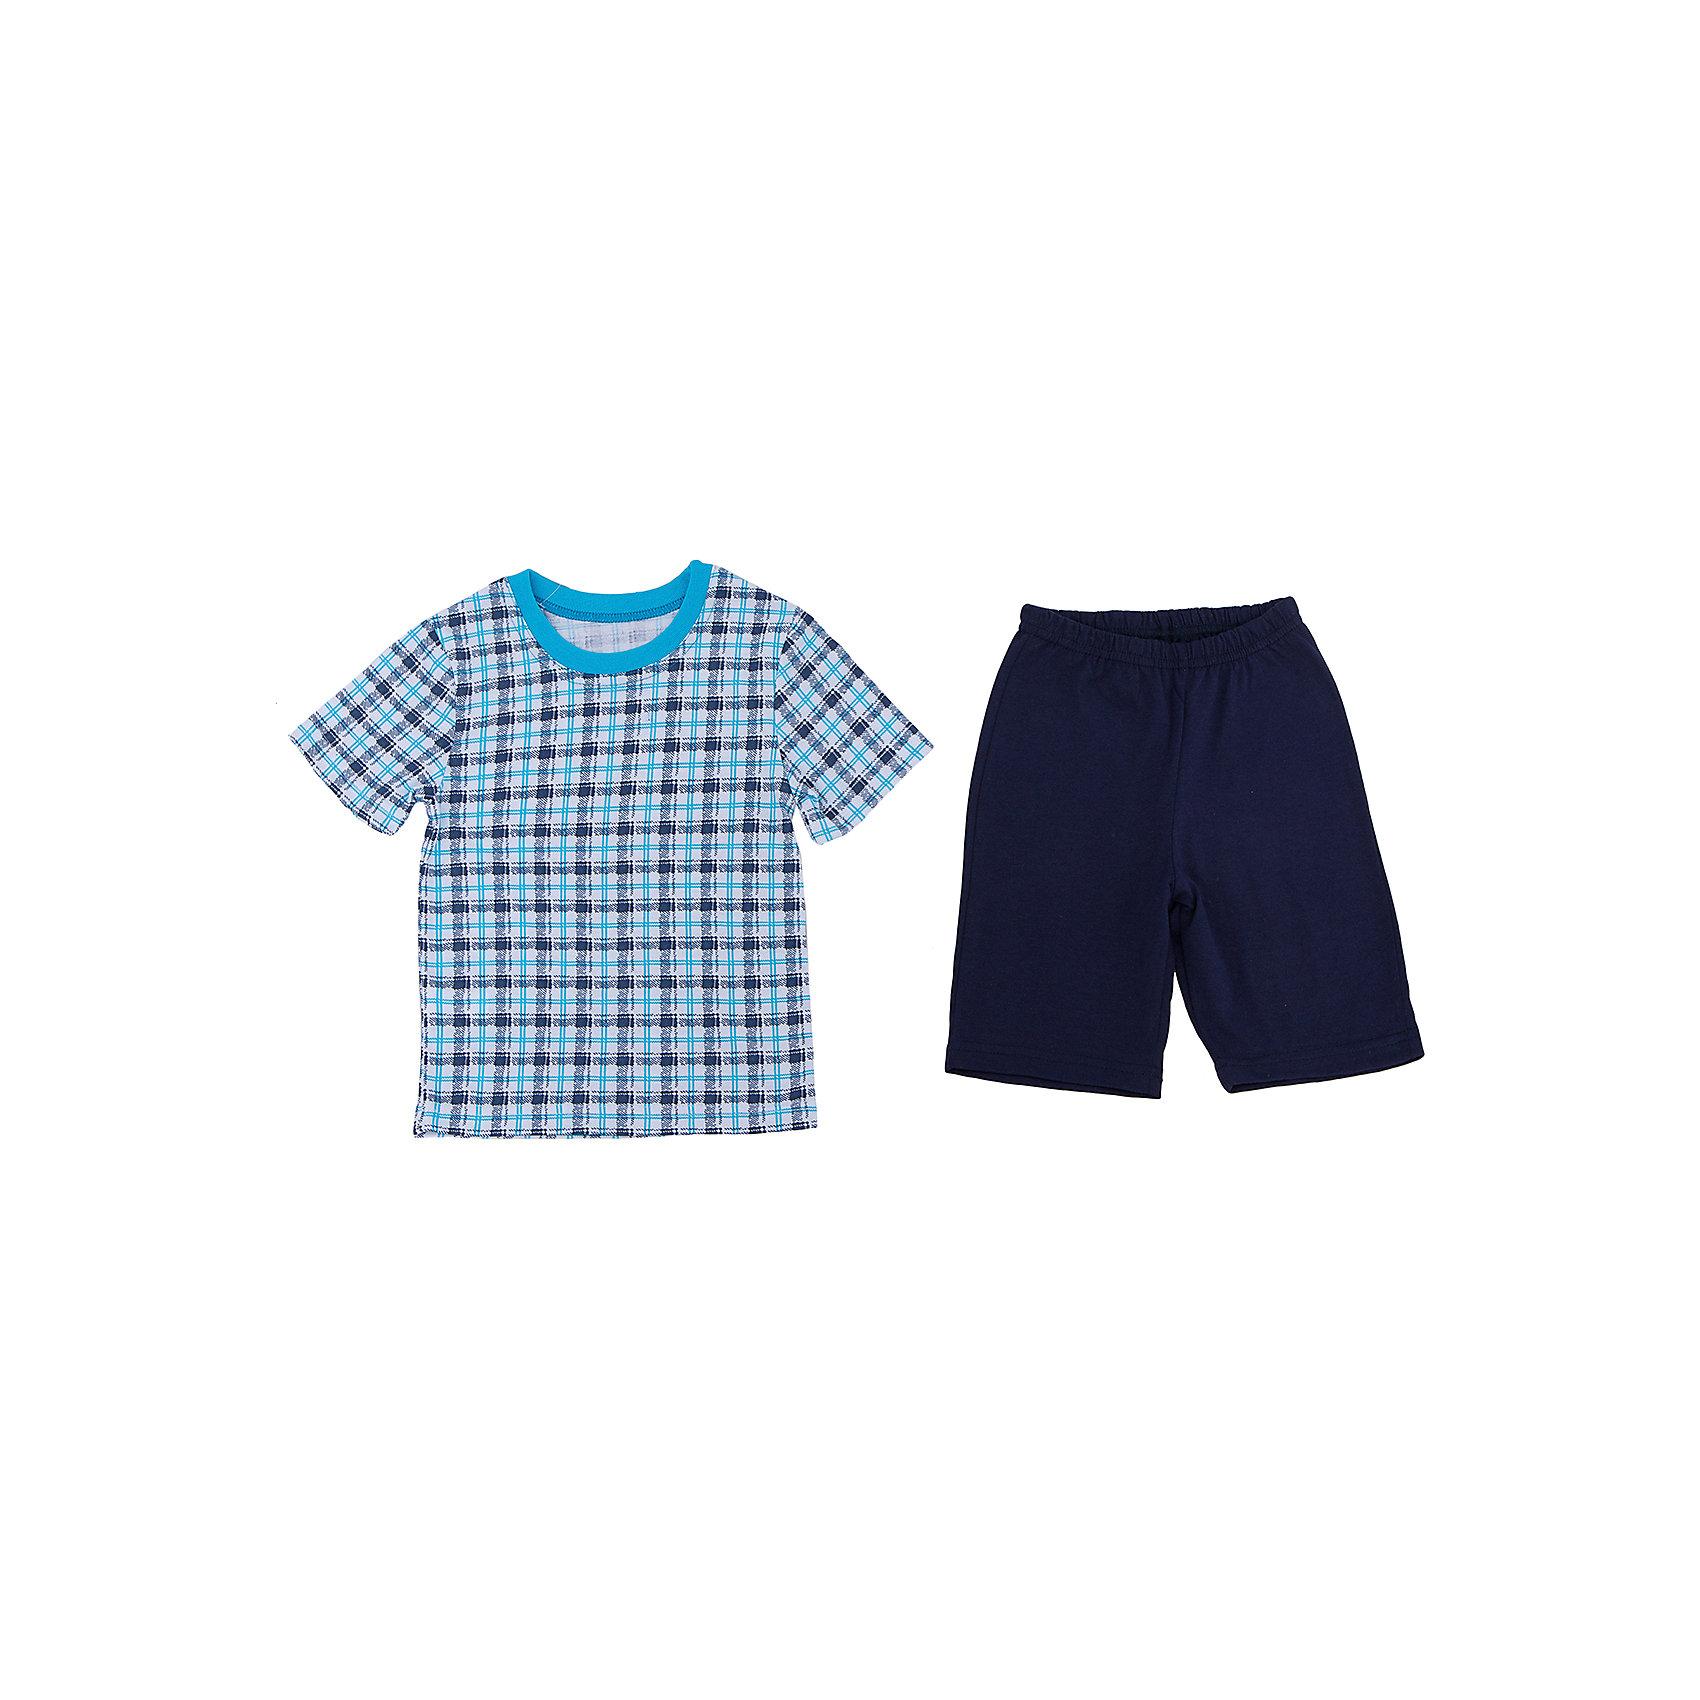 Пижама для мальчика АпрельПижама для мальчика Апрель.<br><br>Характеристики:<br>• состав: 100% хлопок<br>• цвет: синий<br><br>Пижама от марки Апрель изготовлена из мягкого хлопка, приятного на ощупь. Синие шорты хорошо сочетаются с футболкой в клетку. Спать в такой пижаме очень комфортно!<br><br>Пижаму для мальчика Апрель можно приобрести в нашем интернет-магазине.<br><br>Ширина мм: 281<br>Глубина мм: 70<br>Высота мм: 188<br>Вес г: 295<br>Цвет: синий<br>Возраст от месяцев: 60<br>Возраст до месяцев: 72<br>Пол: Мужской<br>Возраст: Детский<br>Размер: 116,86,92,98,104,110<br>SKU: 4936785